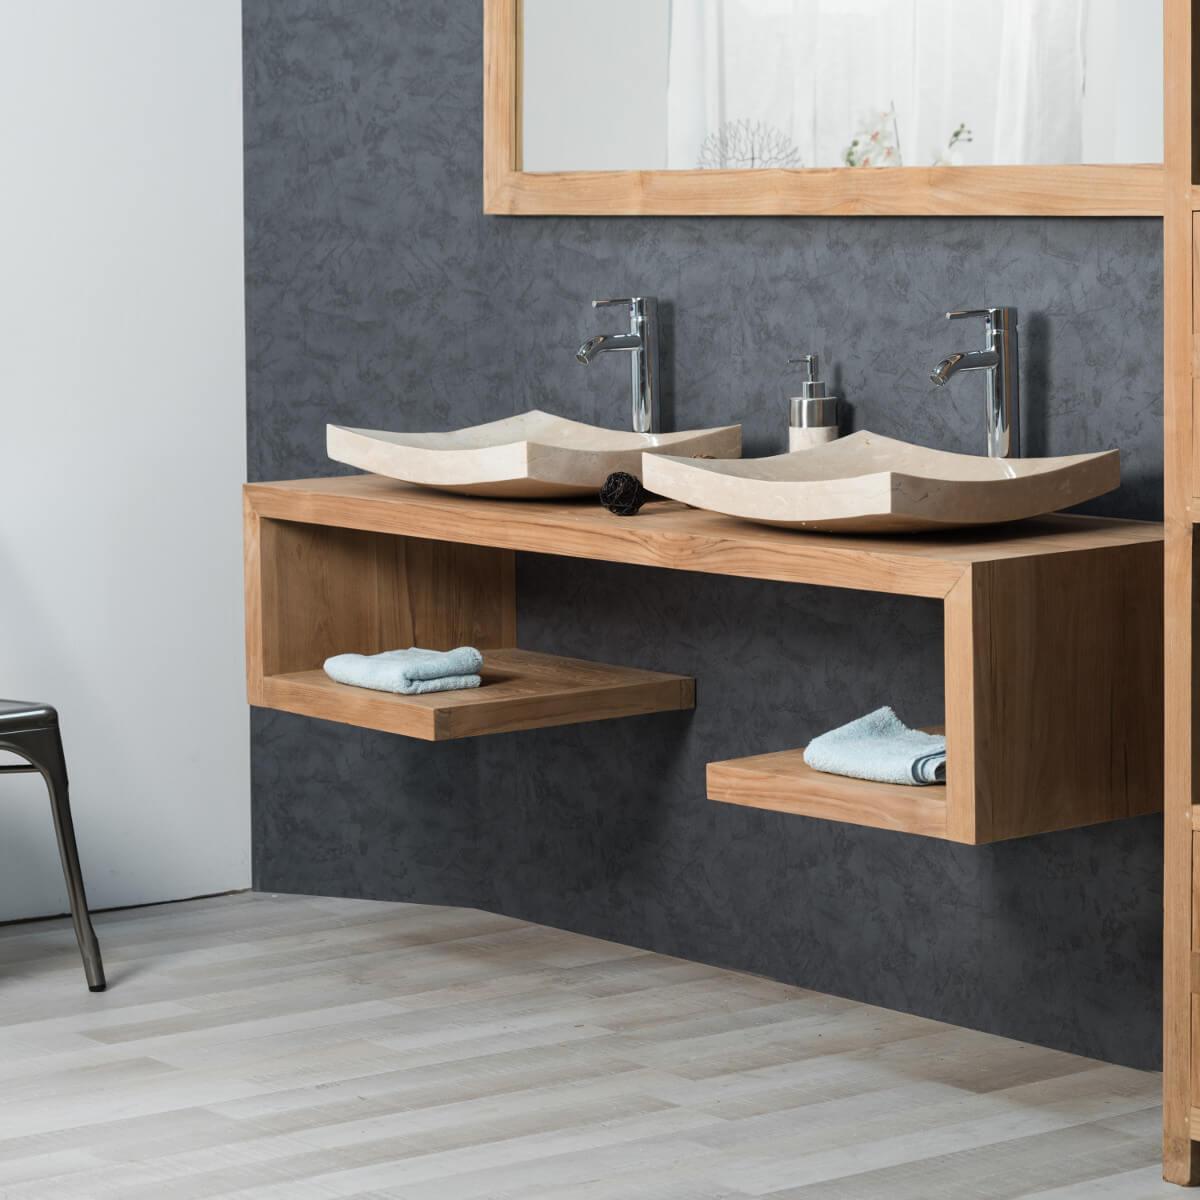 Meuble sous vasque double vasque en bois teck massif - Accessoires salle de bain bois ...